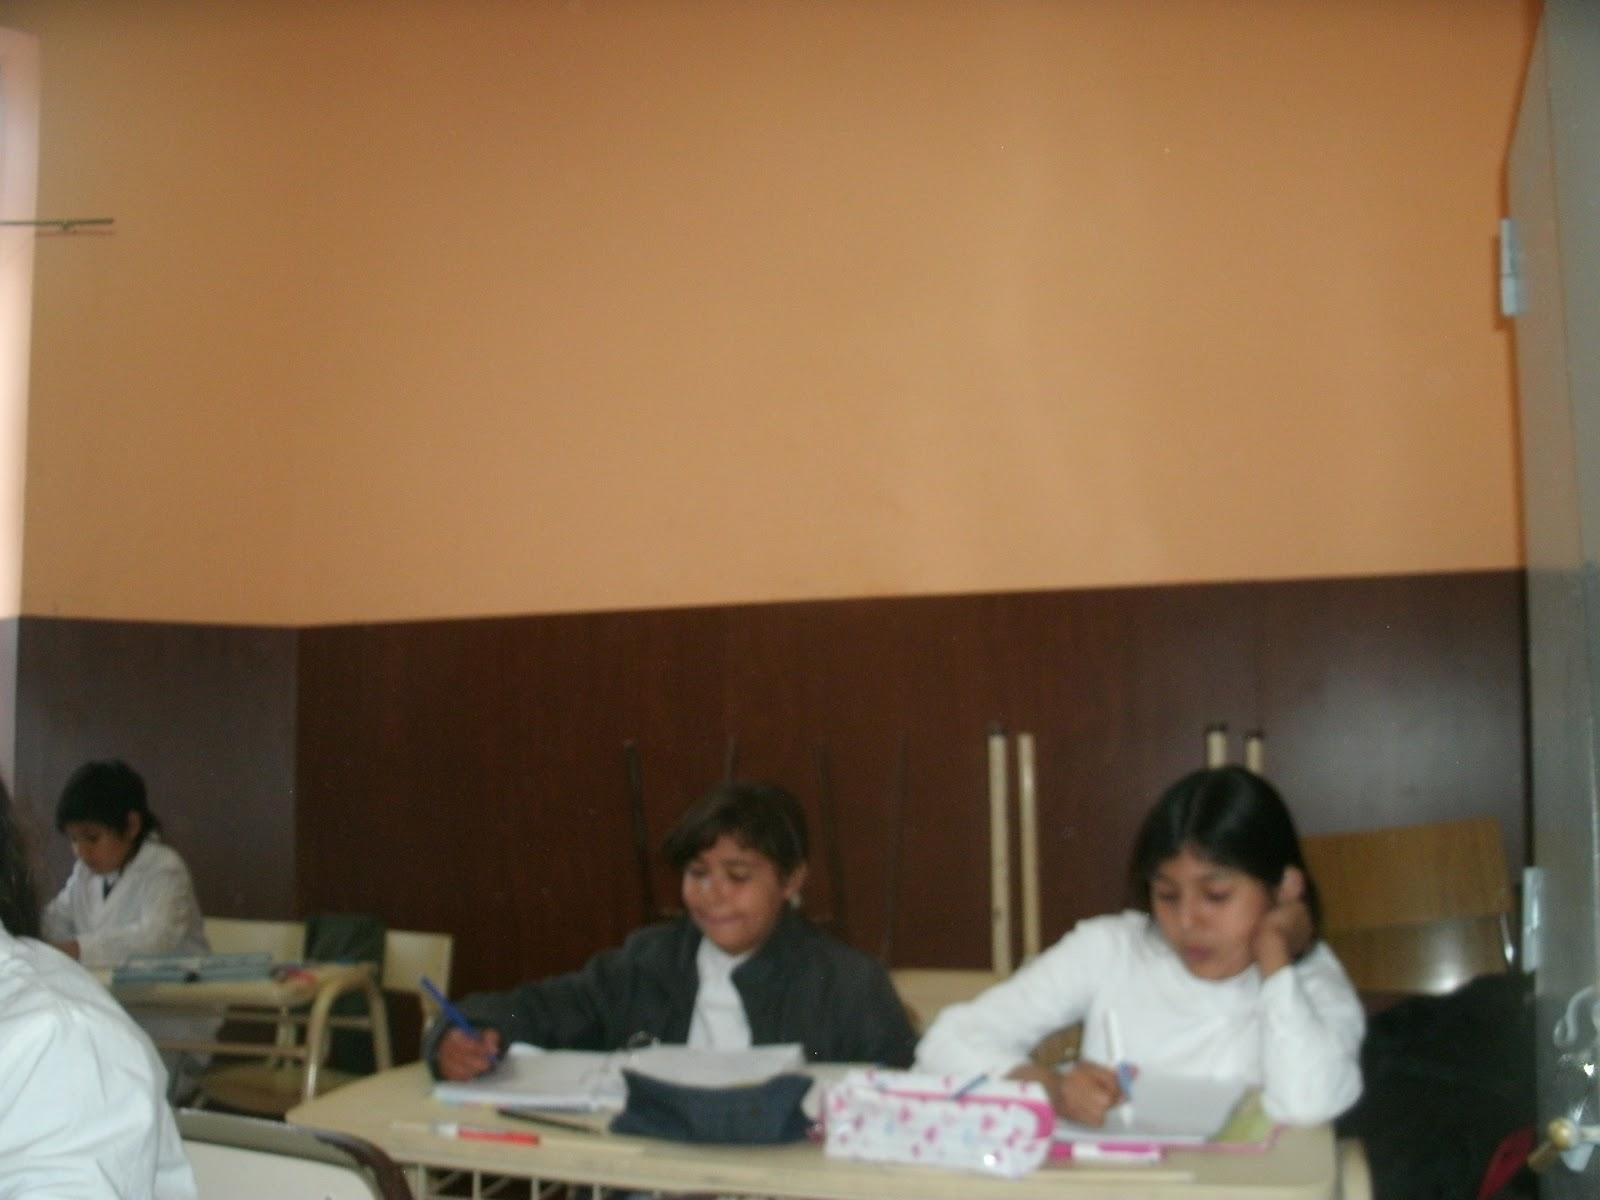 Escuela 16 pergamino los salones recien pintados - Fotos salones pintados ...